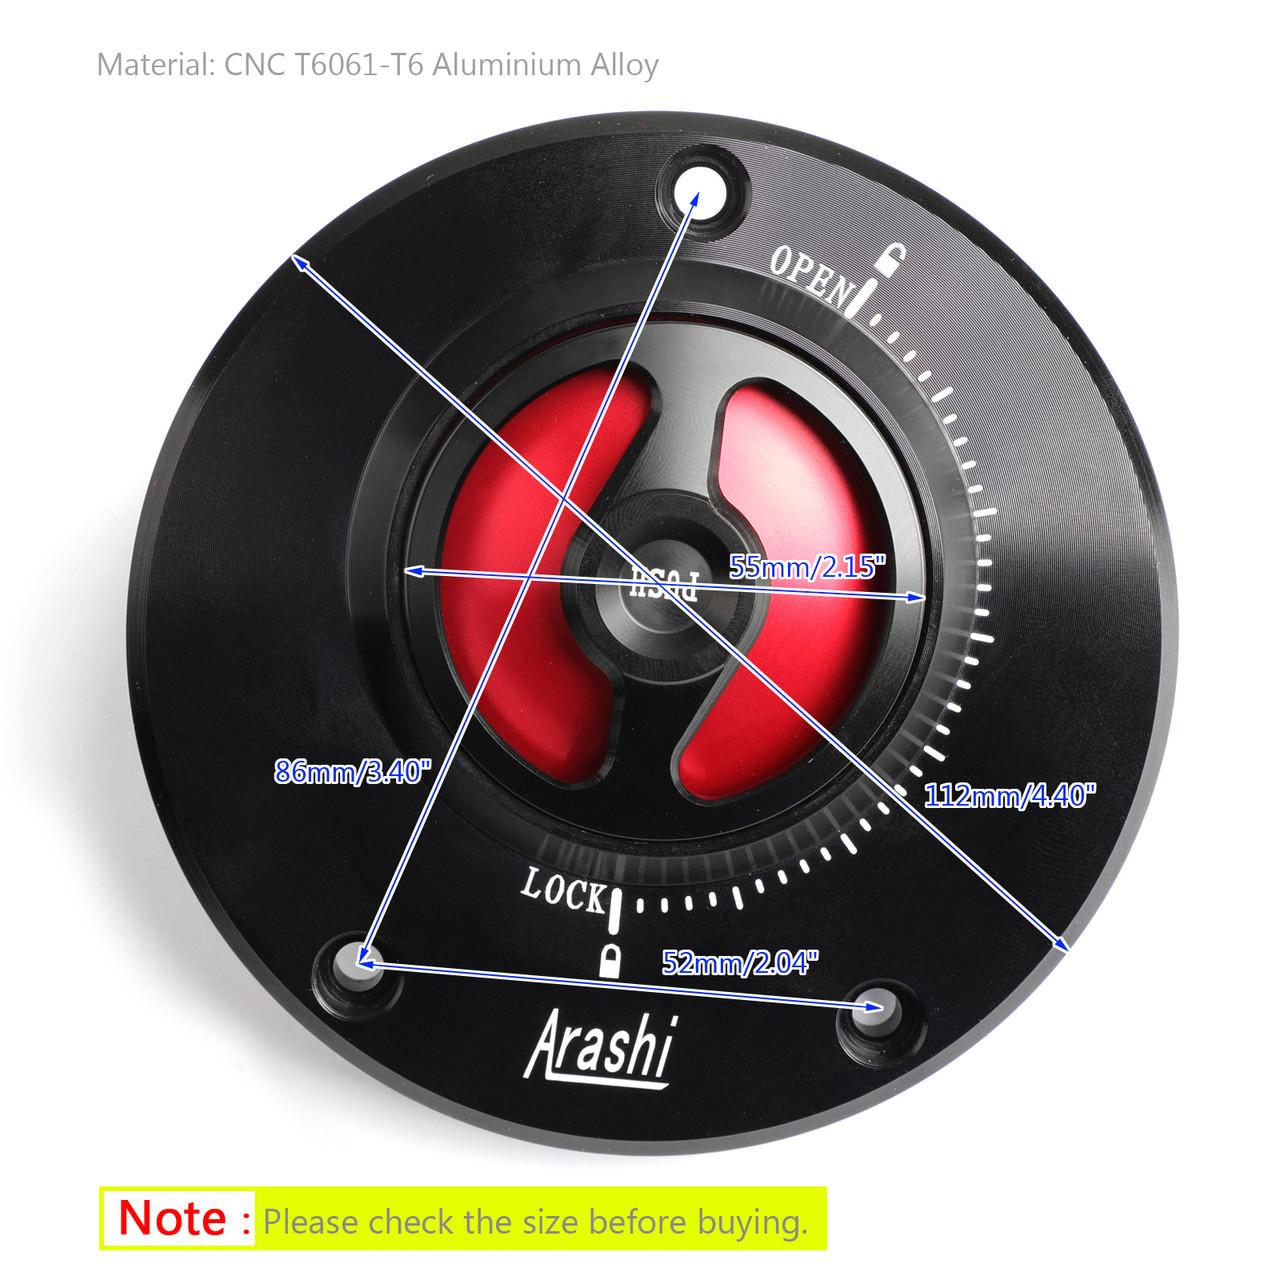 CNC Keyless Fuel Gas Tank Cap For Kawasaki GTR 1400 2010+ Ninja 1000 ZX-10R 2008+ Red